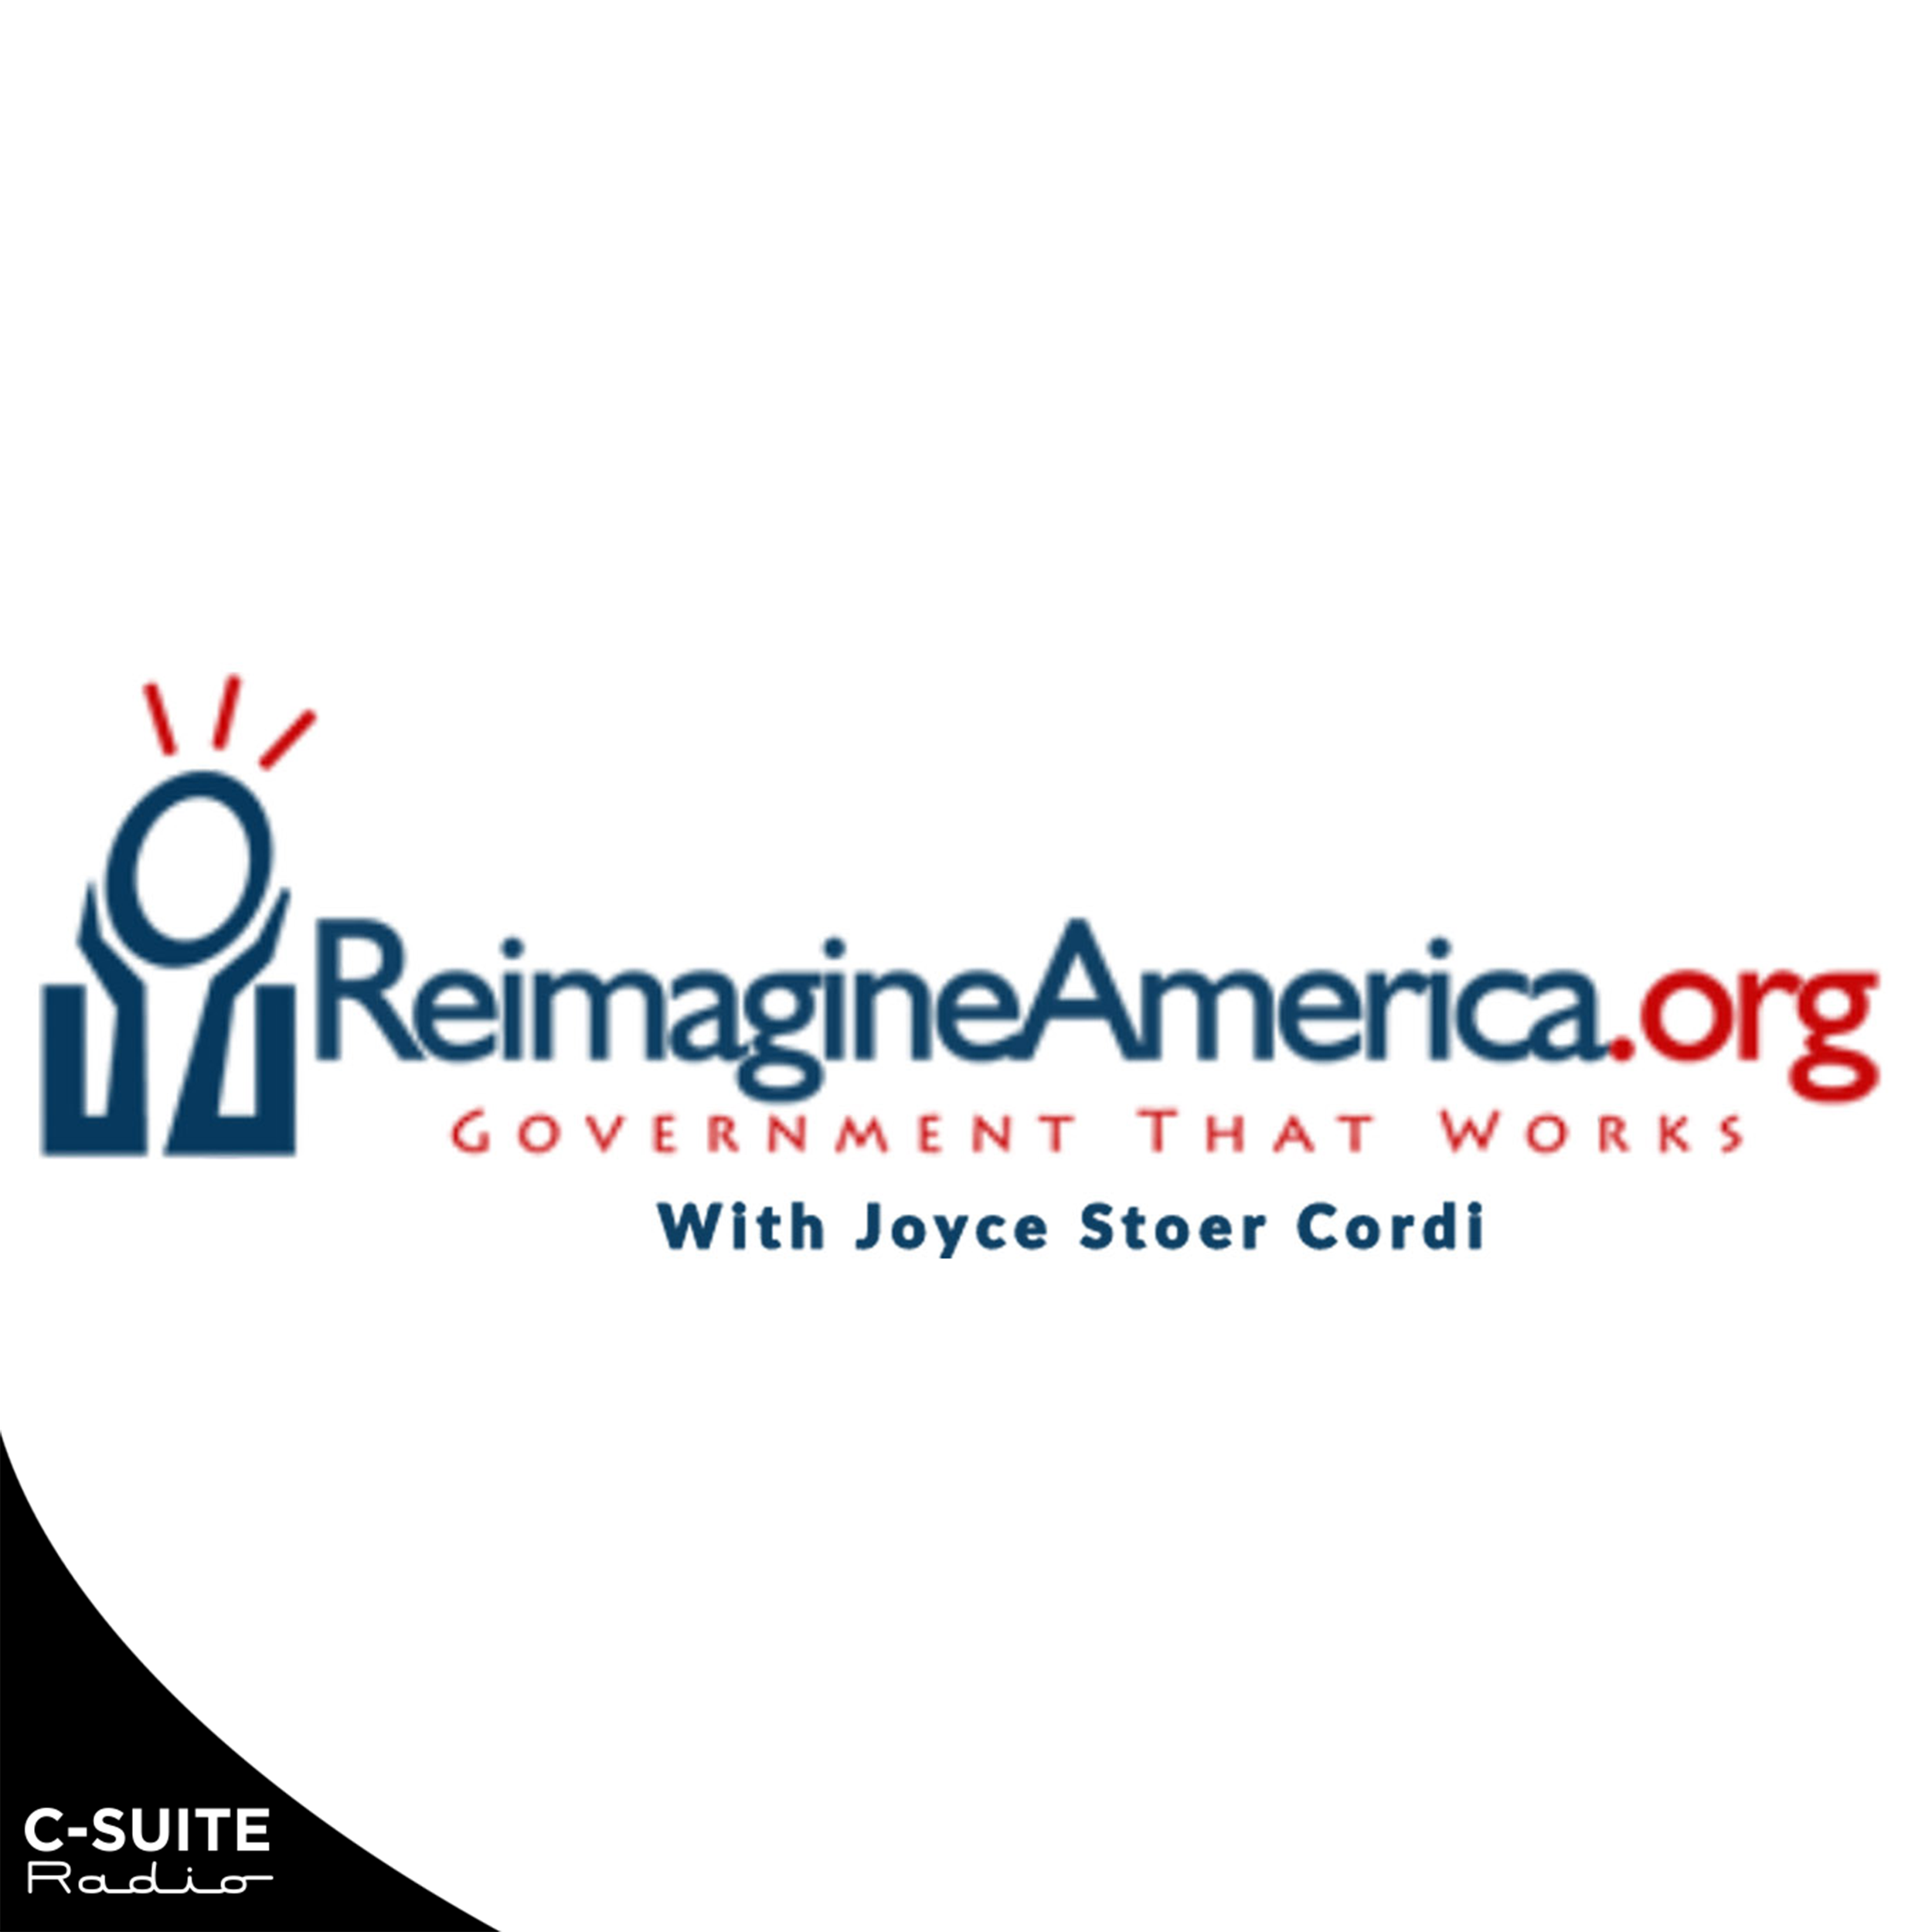 Reimagine America